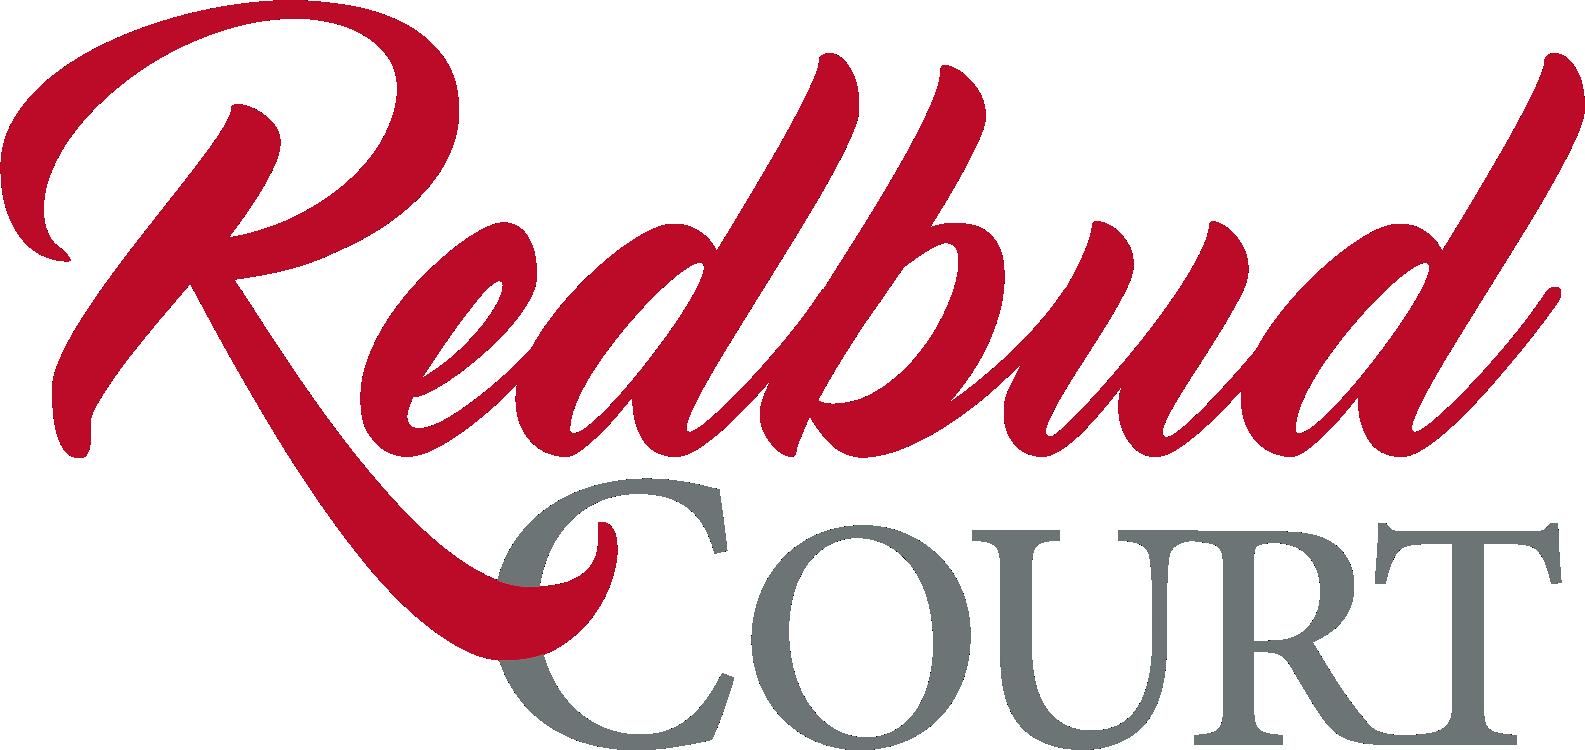 Redbud Court Subdivision